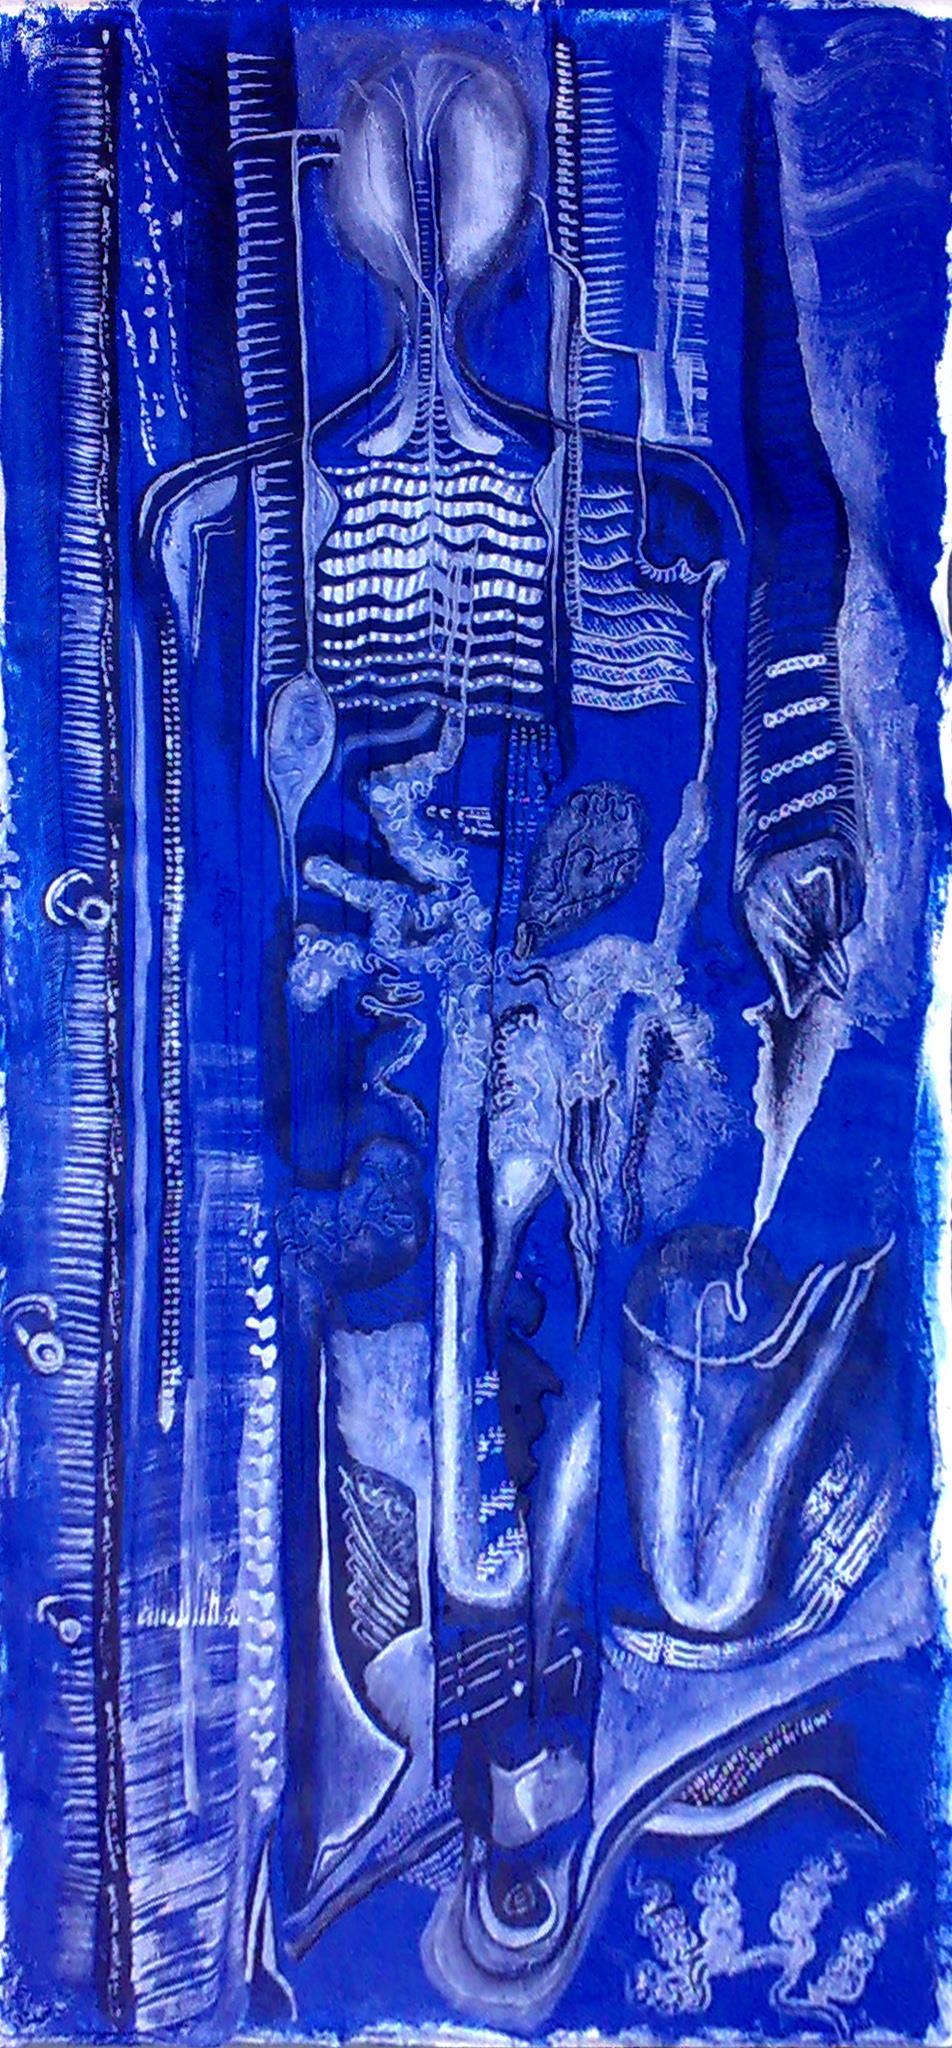 Azul ultramar acrilico homenaje a H.R.Giger, creador de Alien